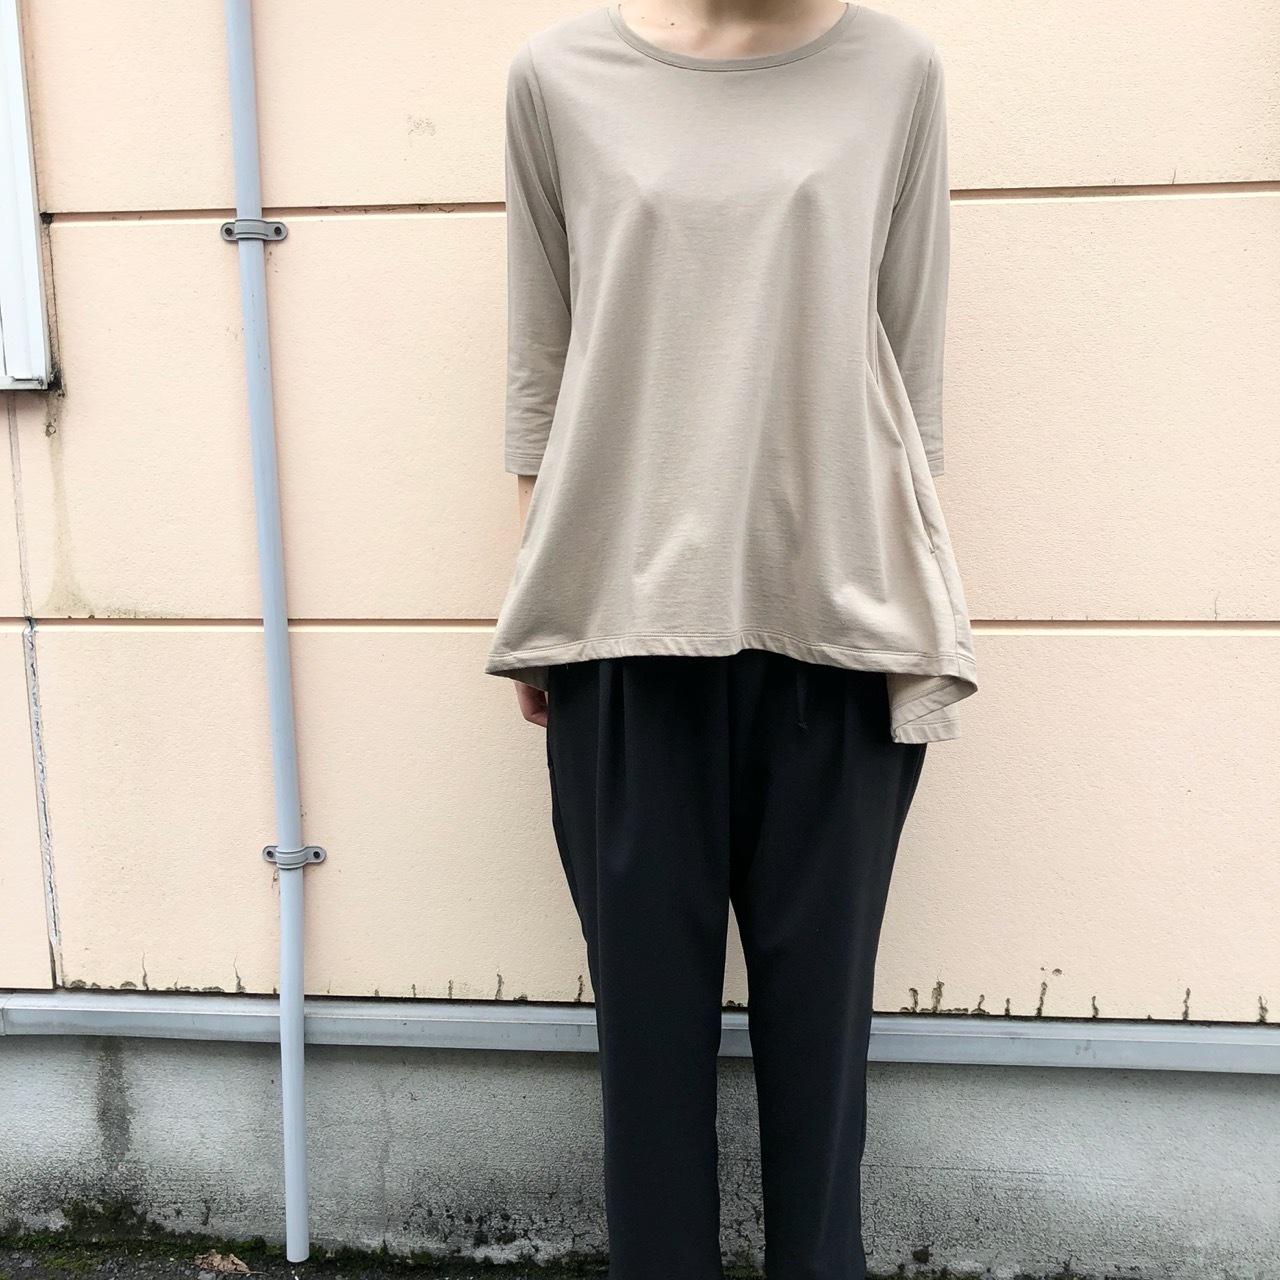 【 siro de labonte 】- R013220 - 5部袖フレアTシャツ